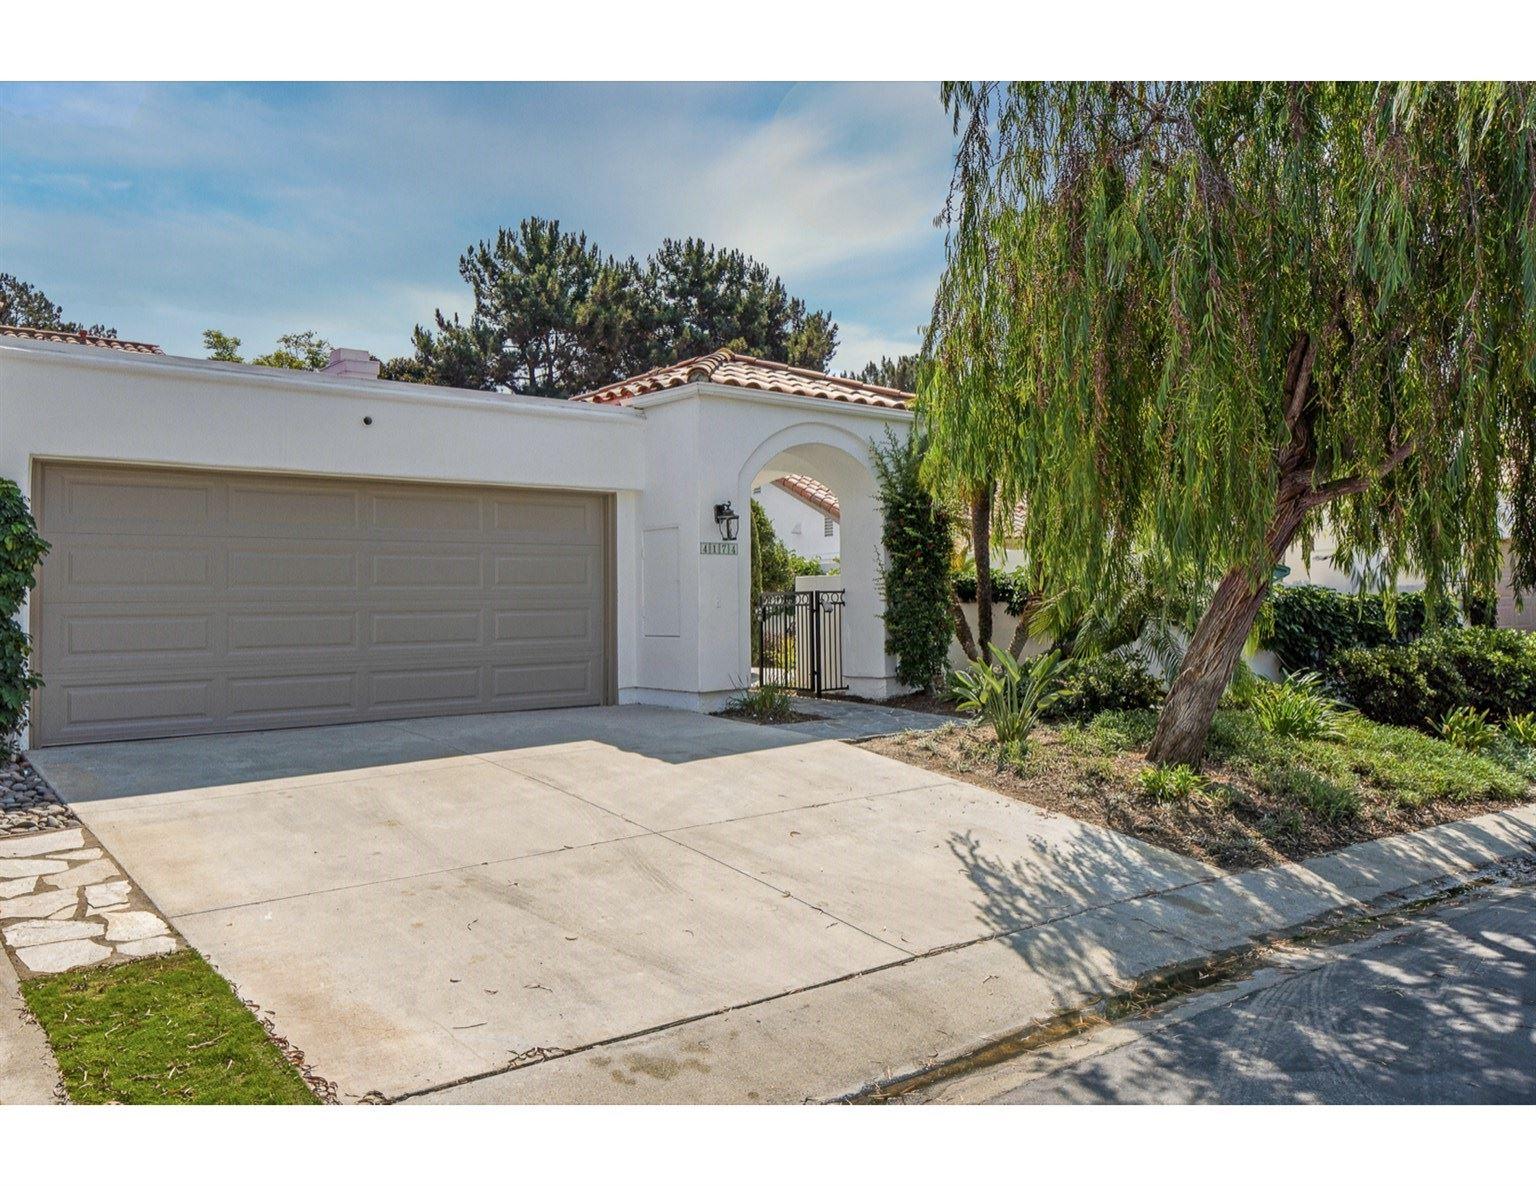 Photo of 4174 Rhodes Way, Oceanside, CA 92056 (MLS # 200045844)